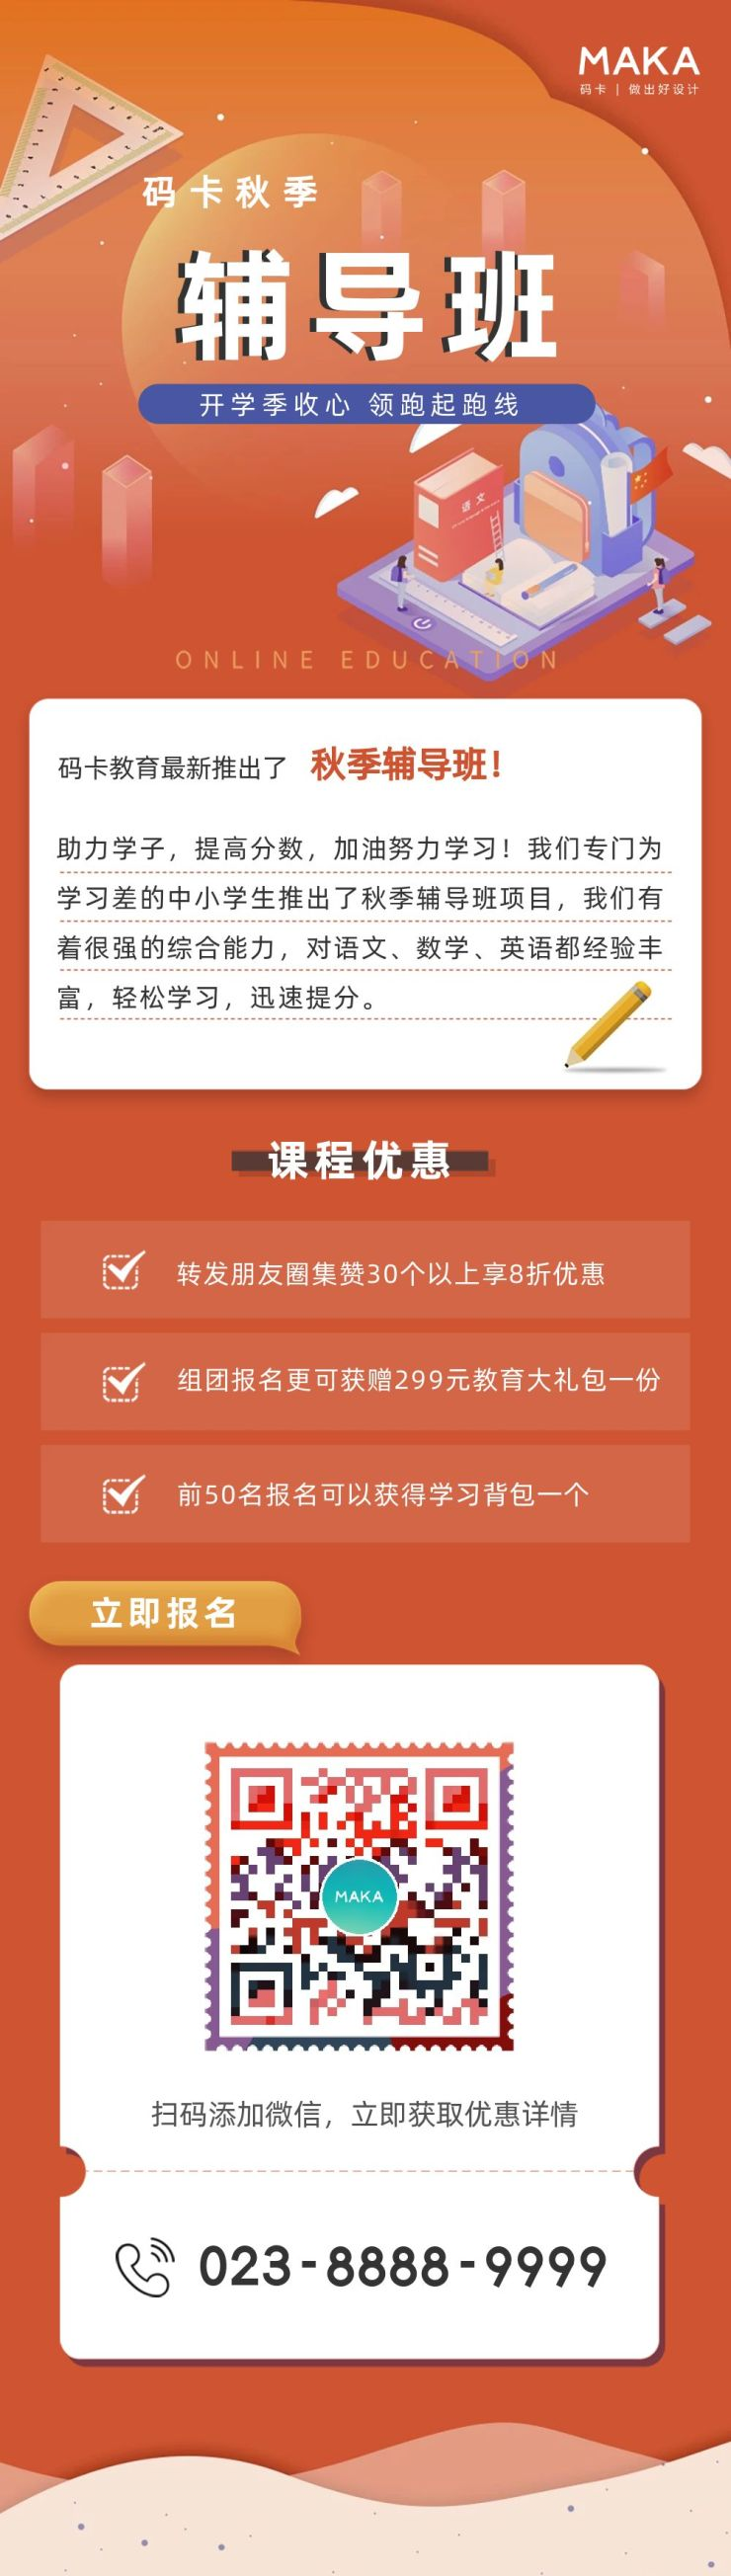 橙色卡通中小学辅导班秋季班招生宣传长图